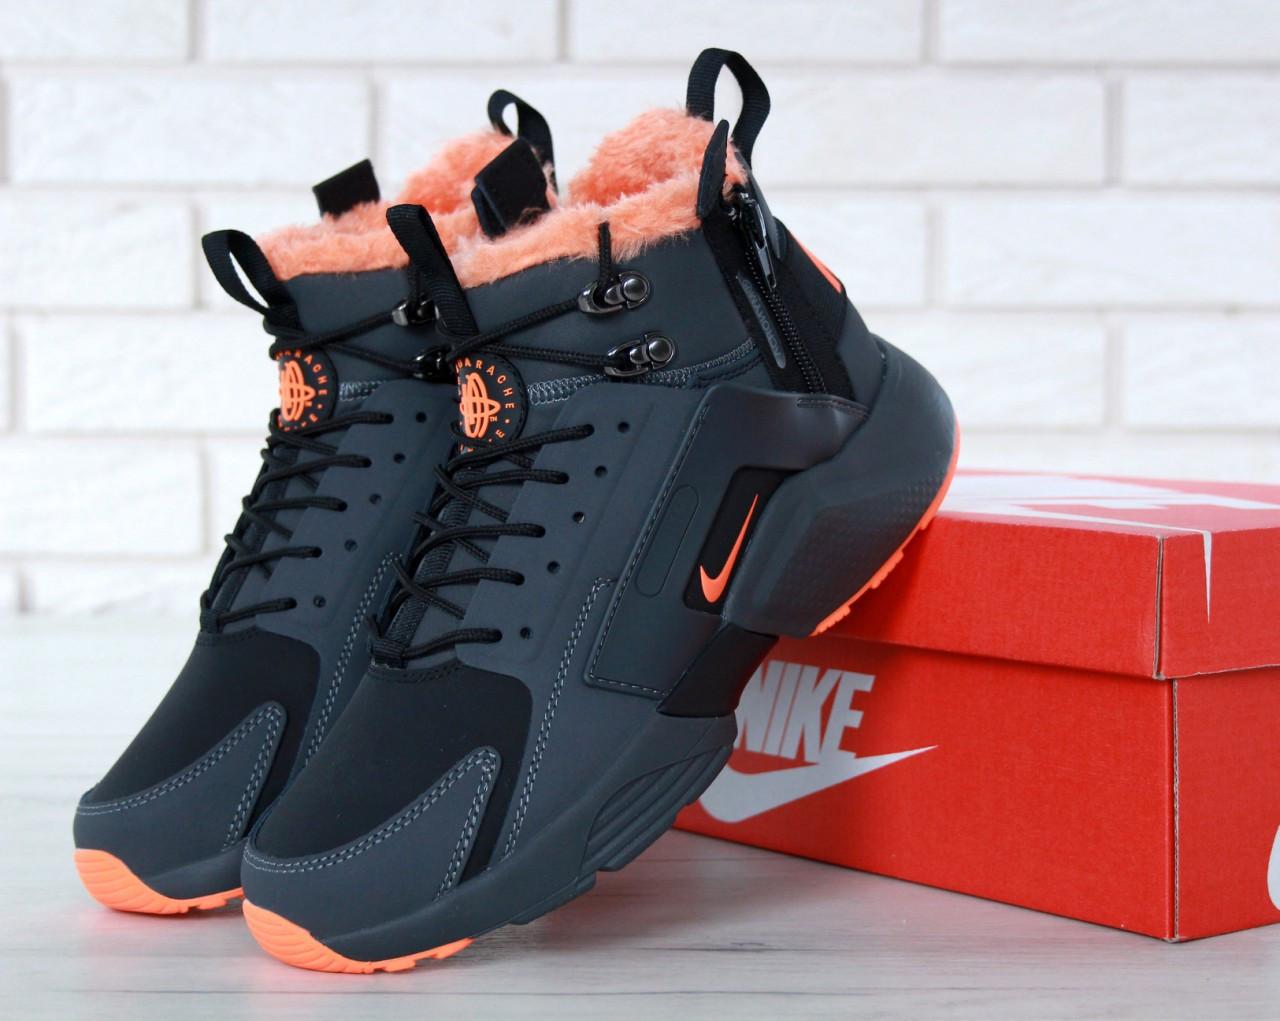 Зимние кроссовки Nike Huarache X Acronym City Winter Black/Orange с мехом. ТОП Реплика ААА класса.